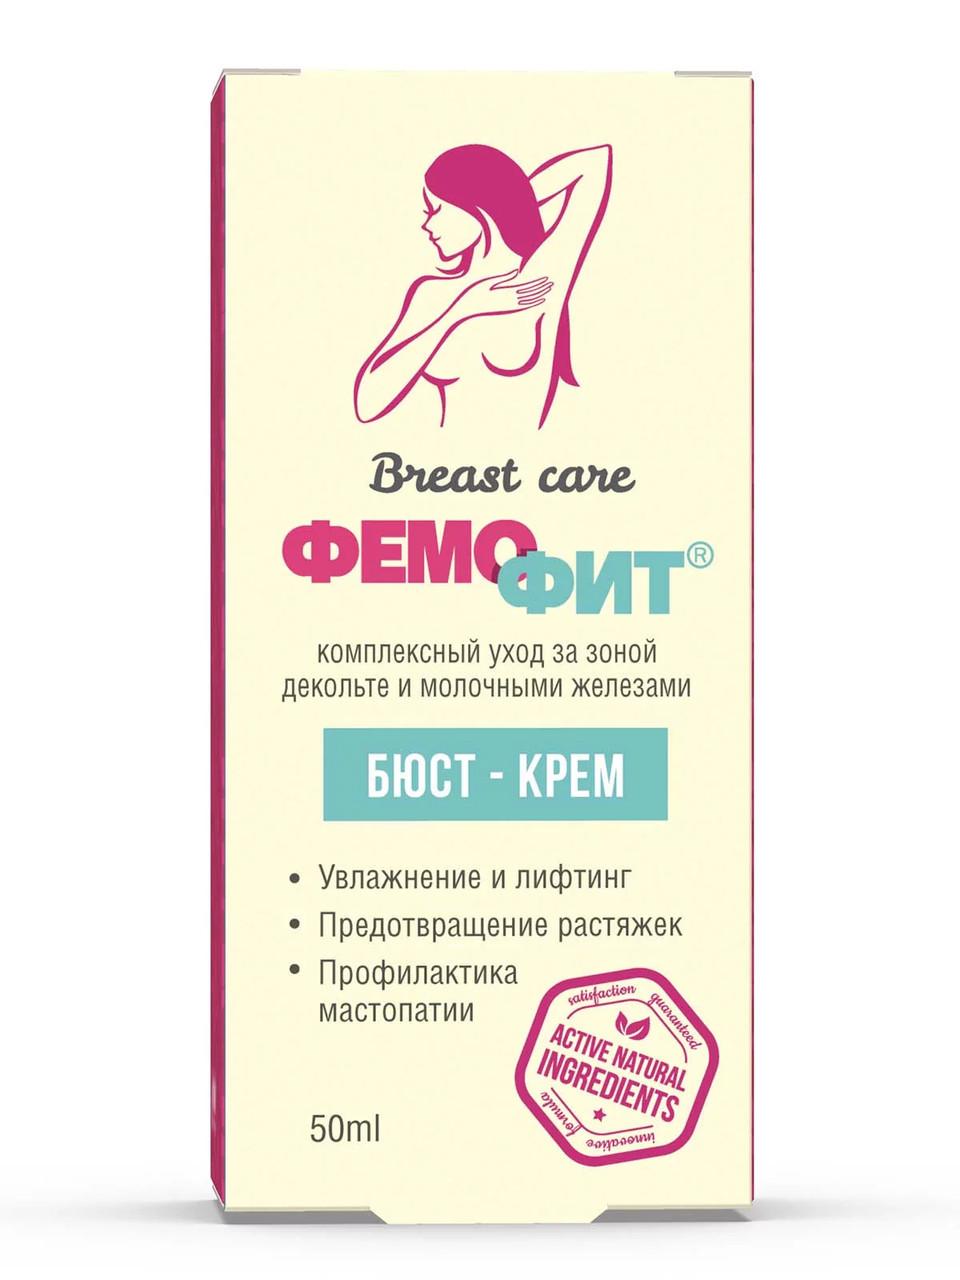 Фемофит Бюст-Крем 50 мл